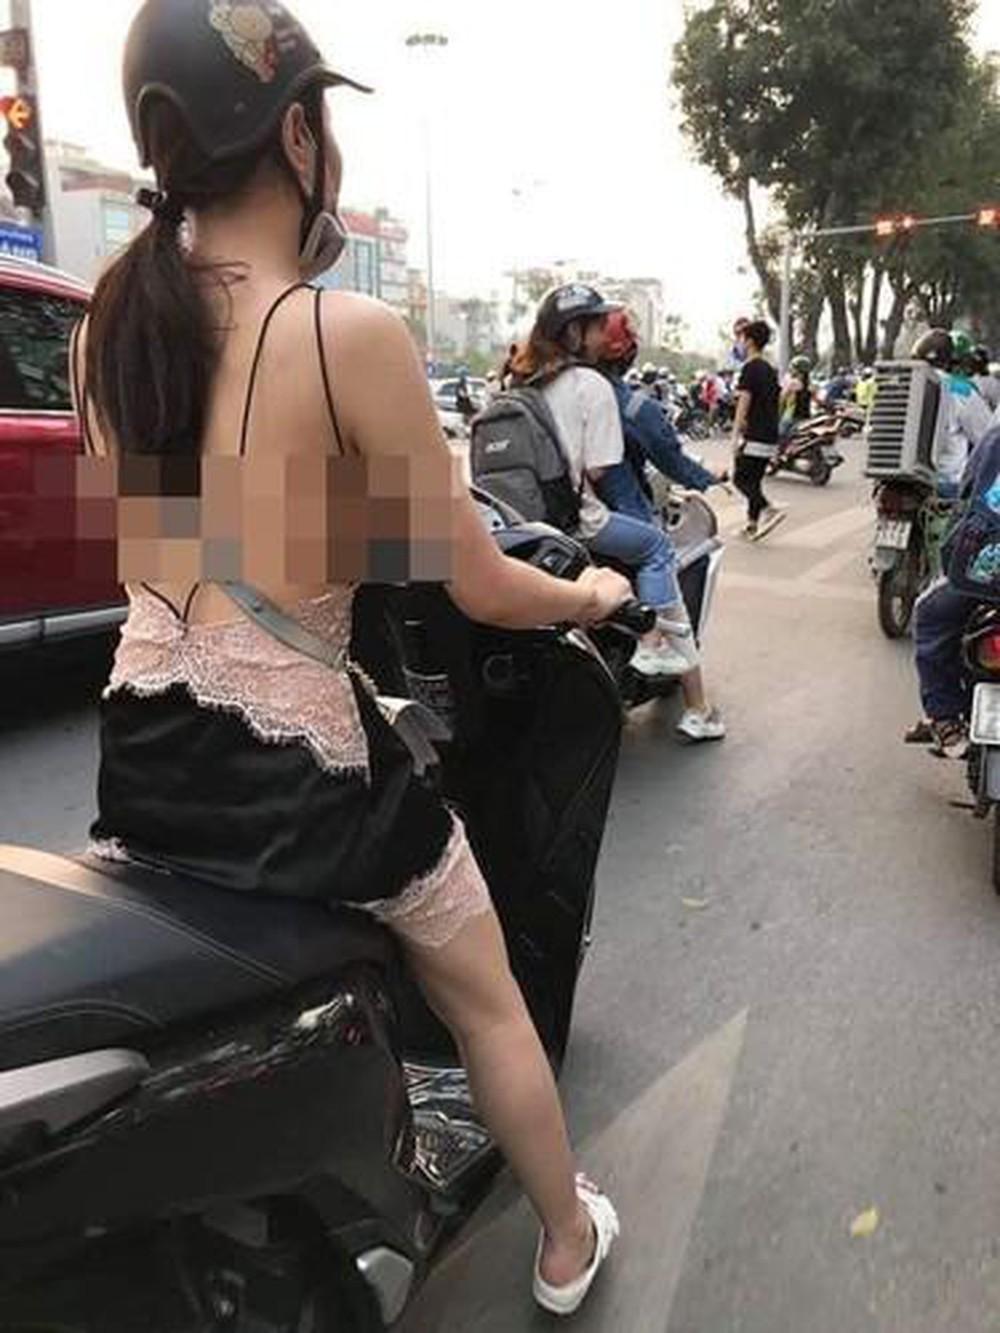 Nhận hàng online, khách nữ ăn mặc hớ hênh khiến shipper ái ngại - Hình 7